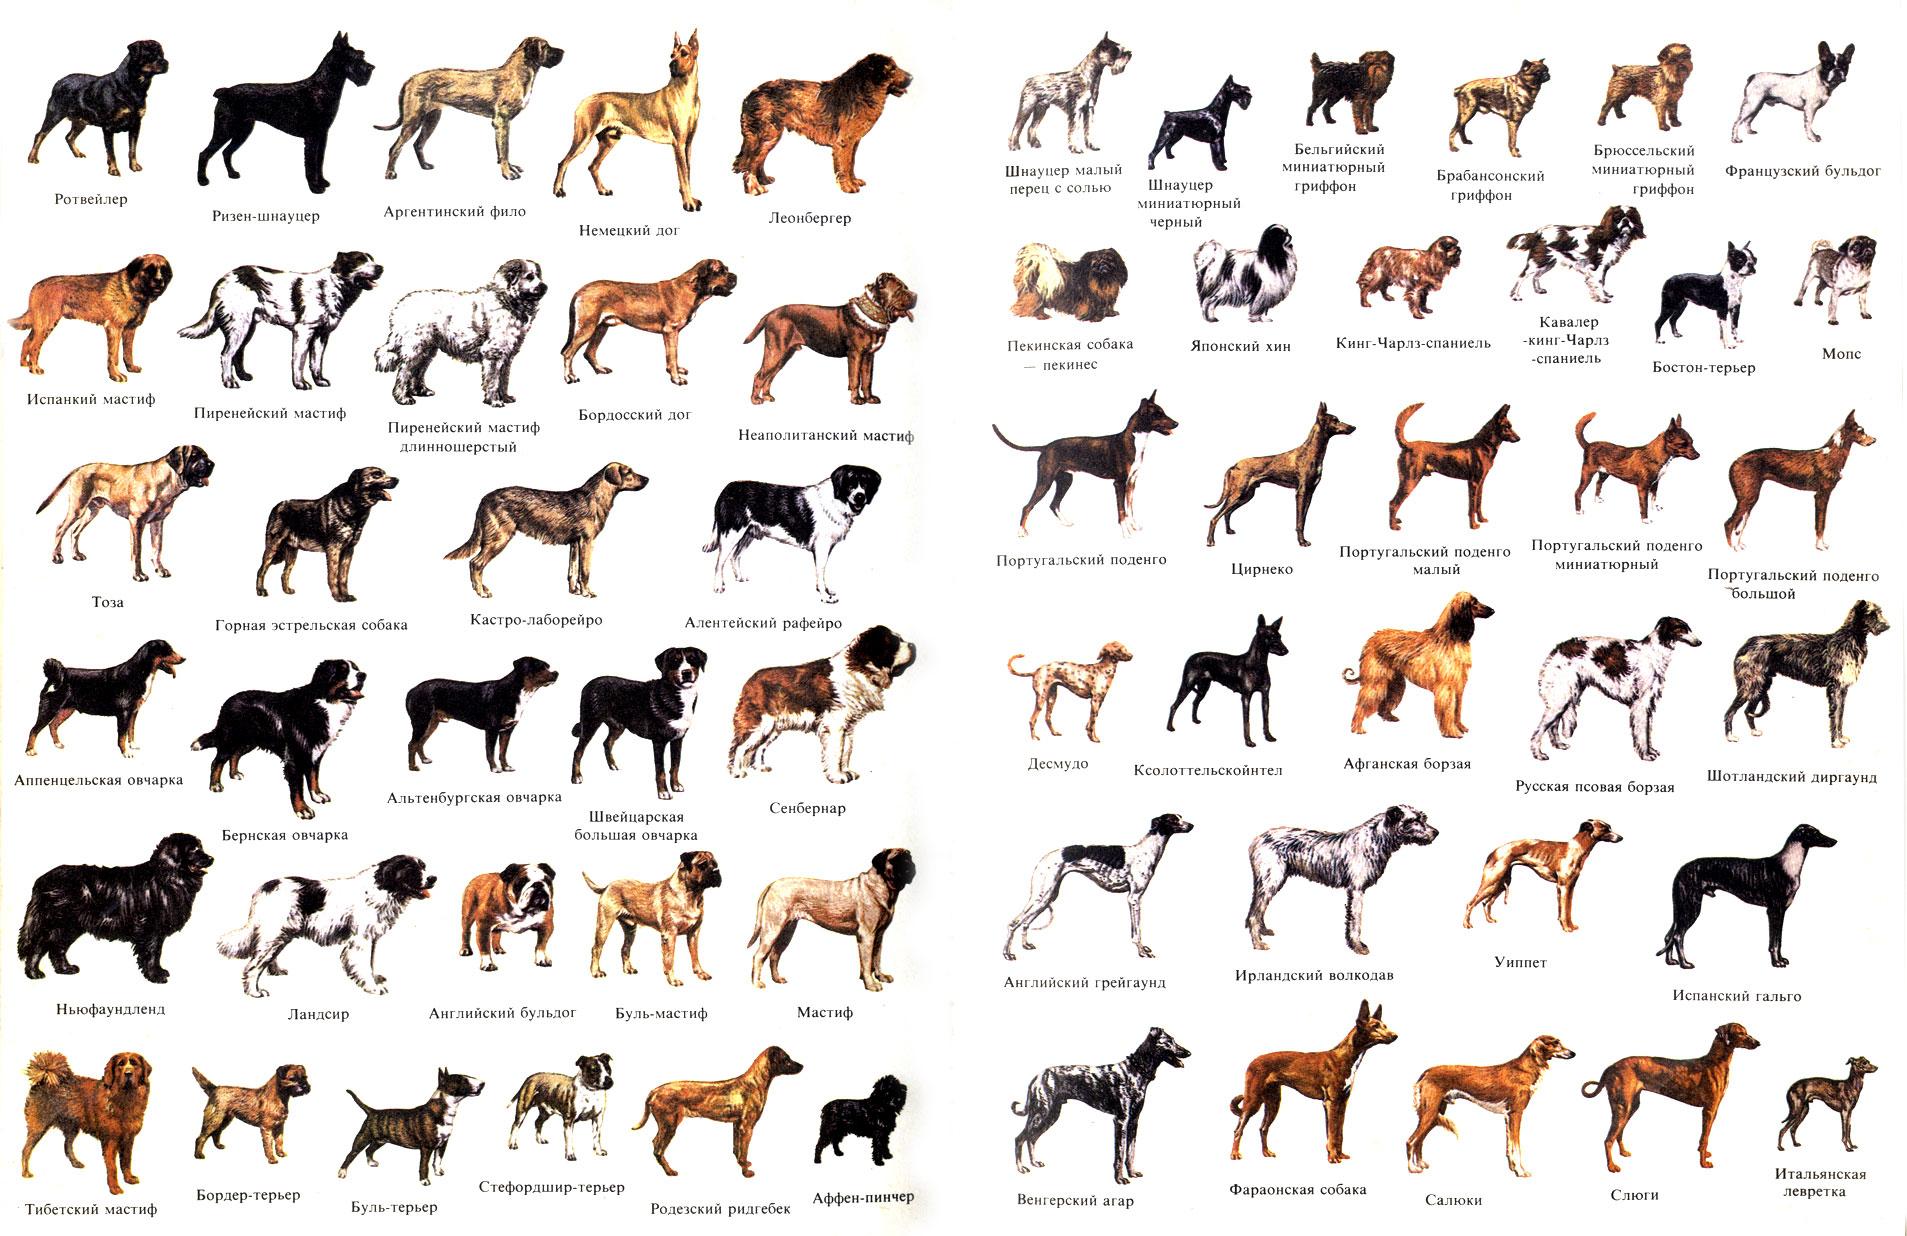 все породы собак фото: